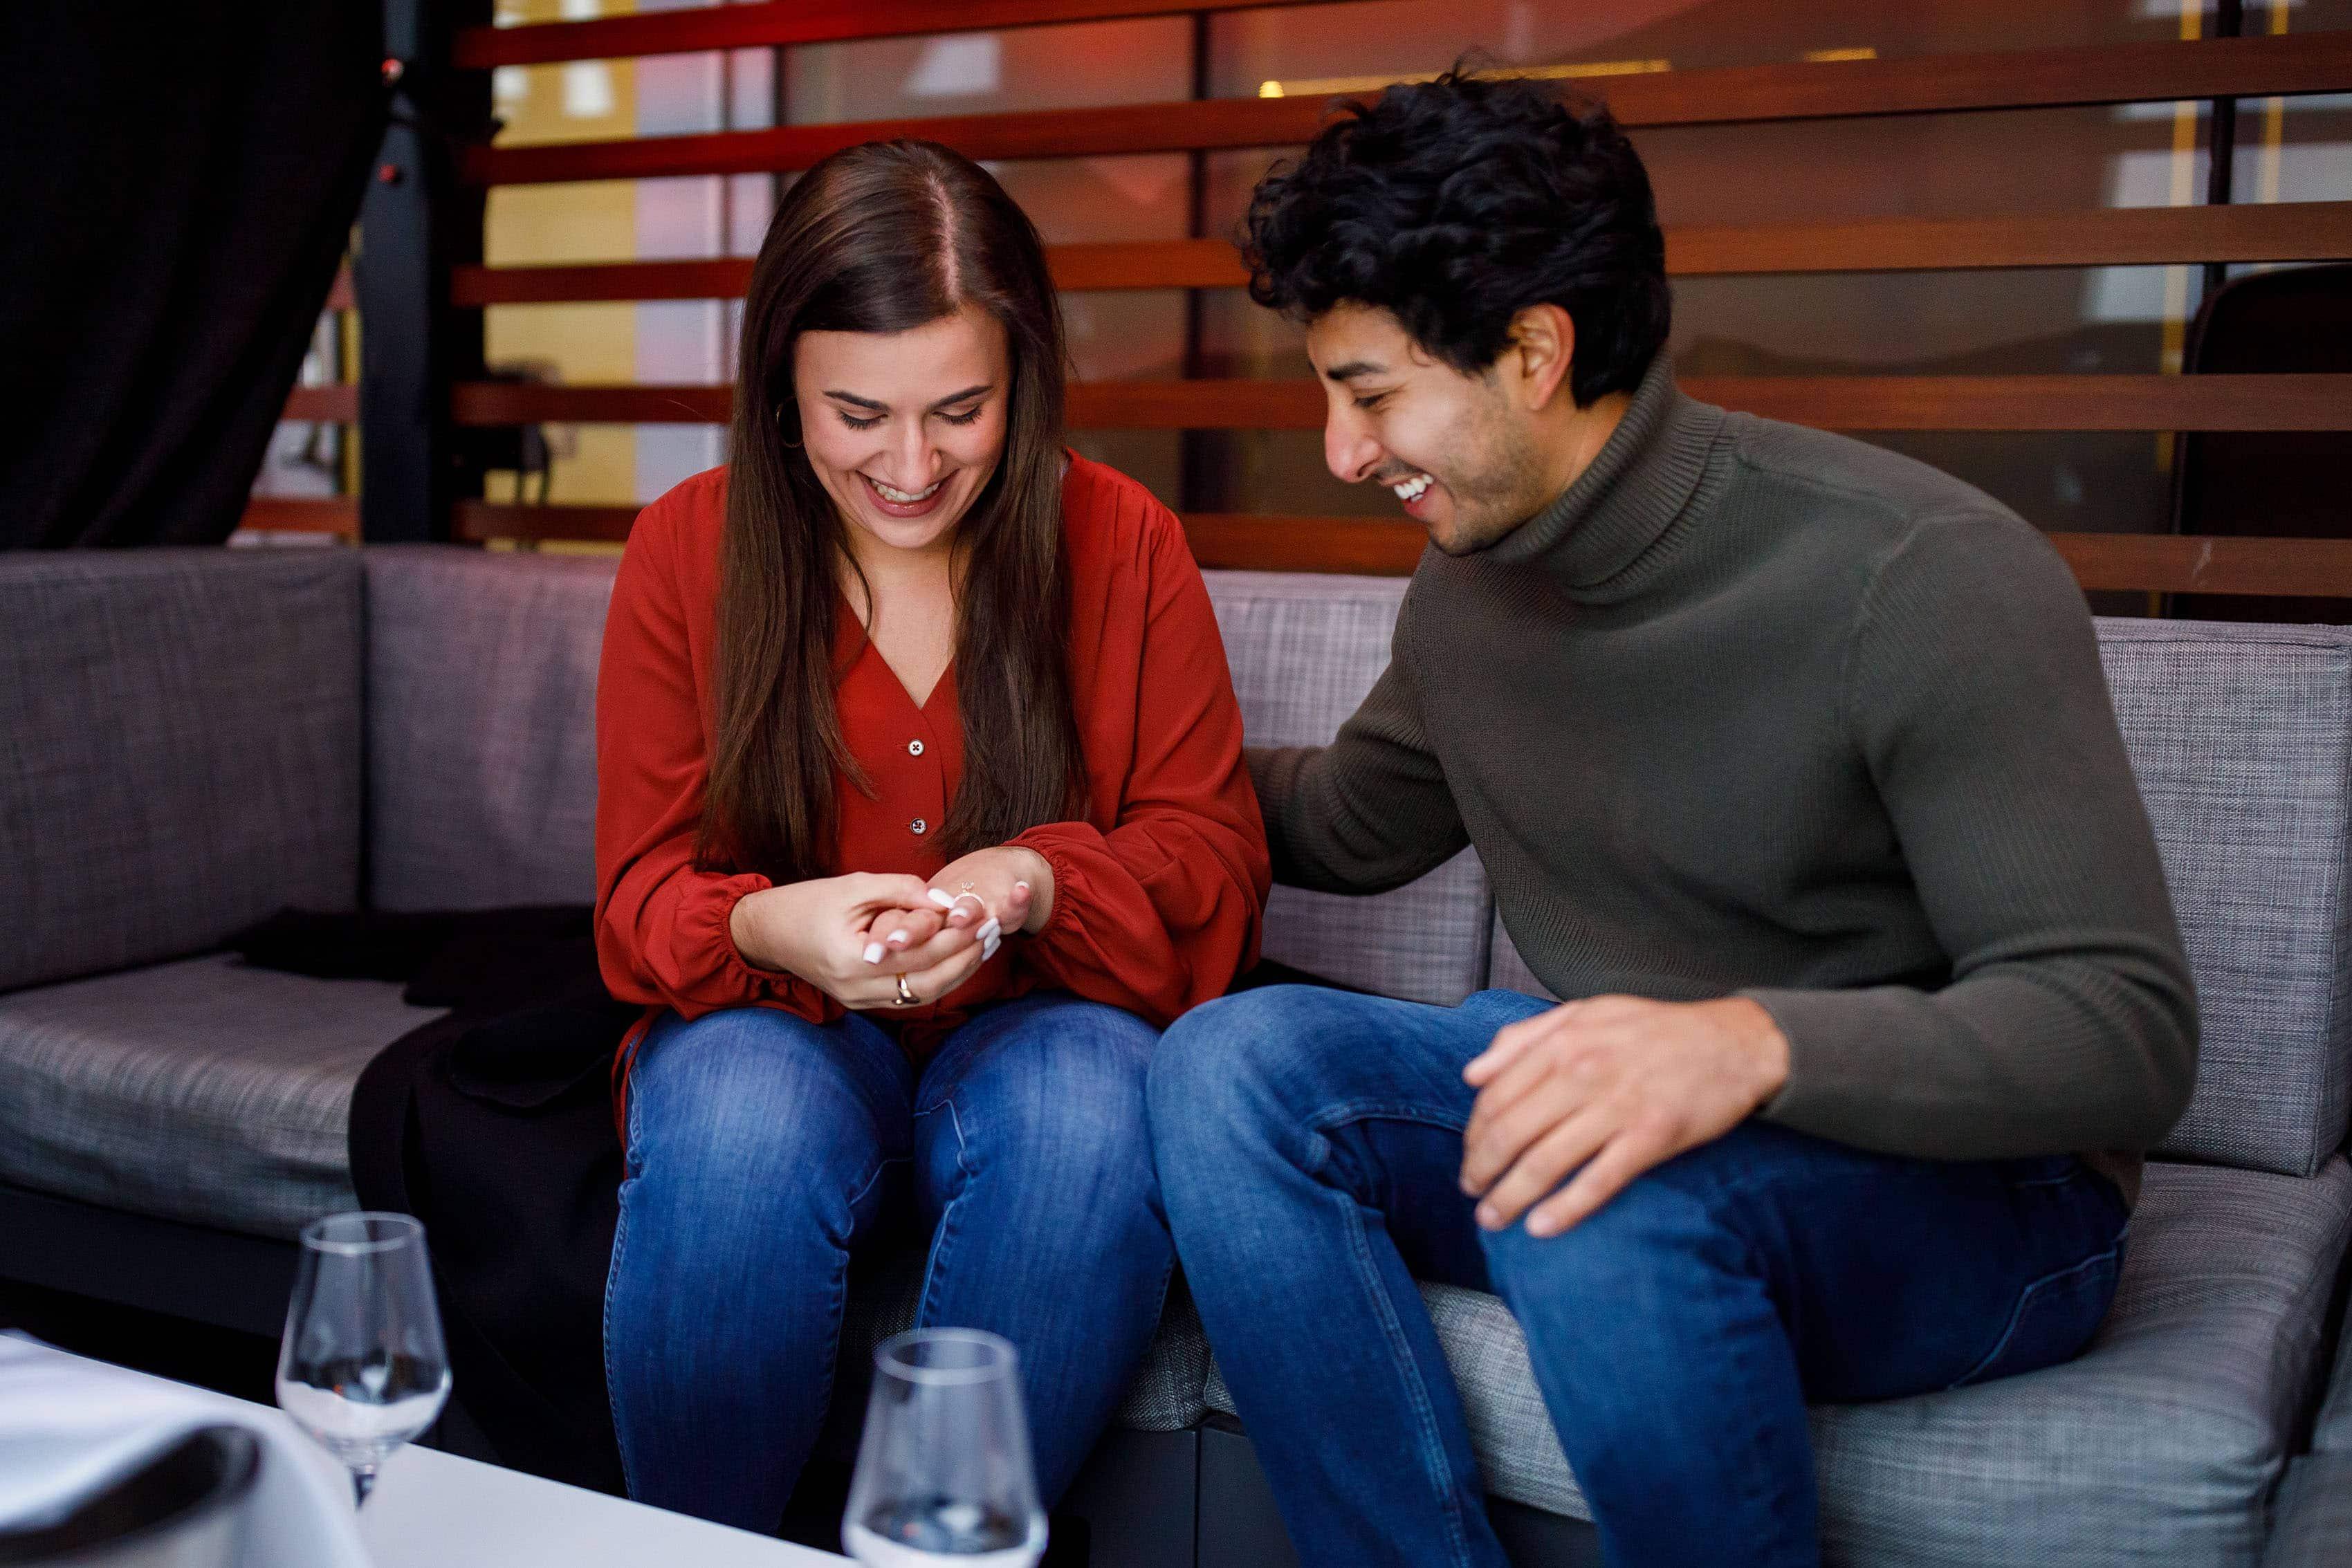 Kooper admires her ring after Raul proposed in Denver